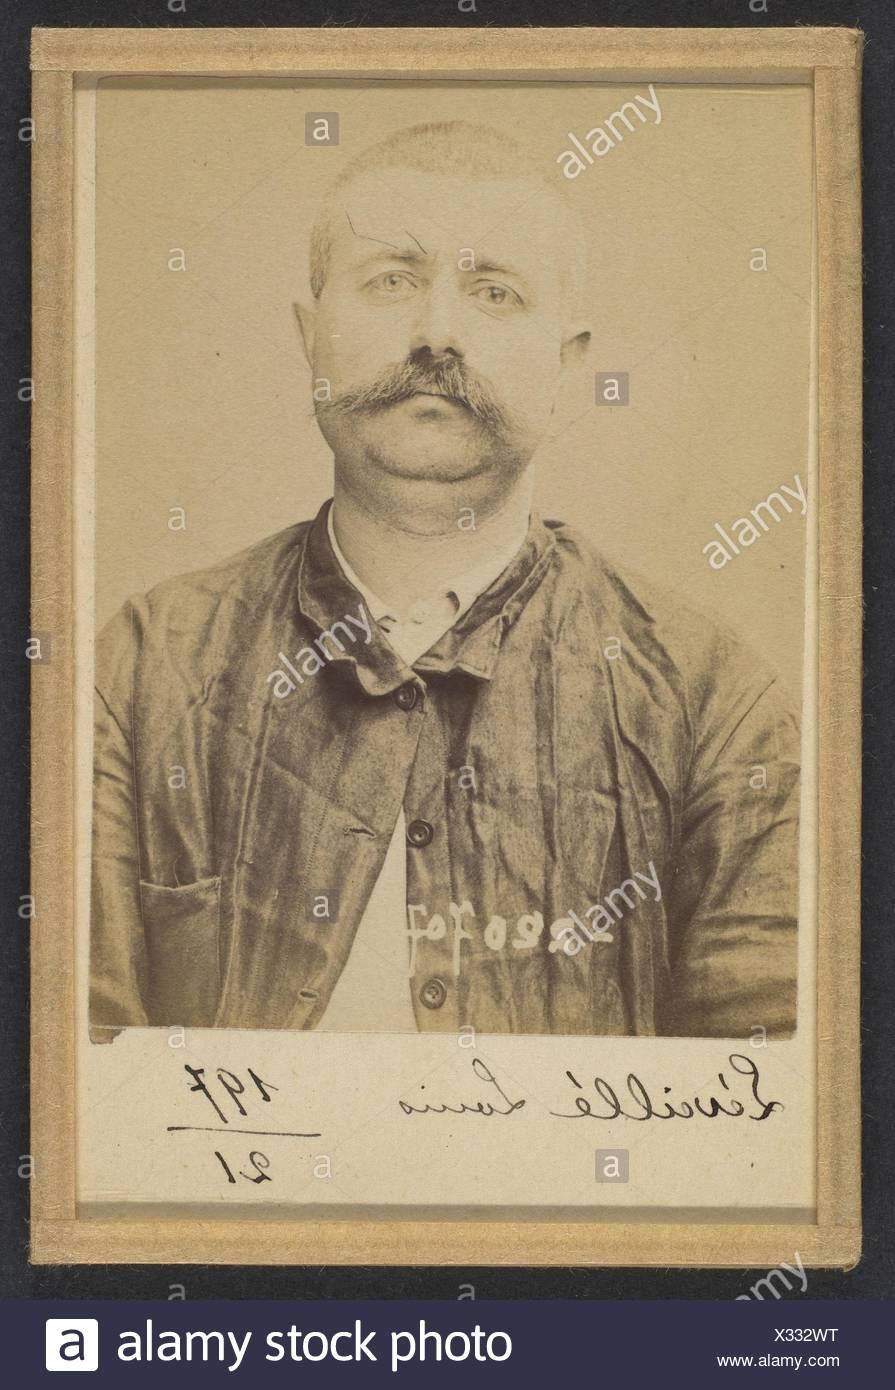 Leveillé. Louis. 37 ans, né le 7/7/57 à Cliche (Seine). Forgeron. Anarchiste. 7/7/94. Artist: Alphonse Bertillon (French, 1853-1914); Date: 1894; - Stock Image